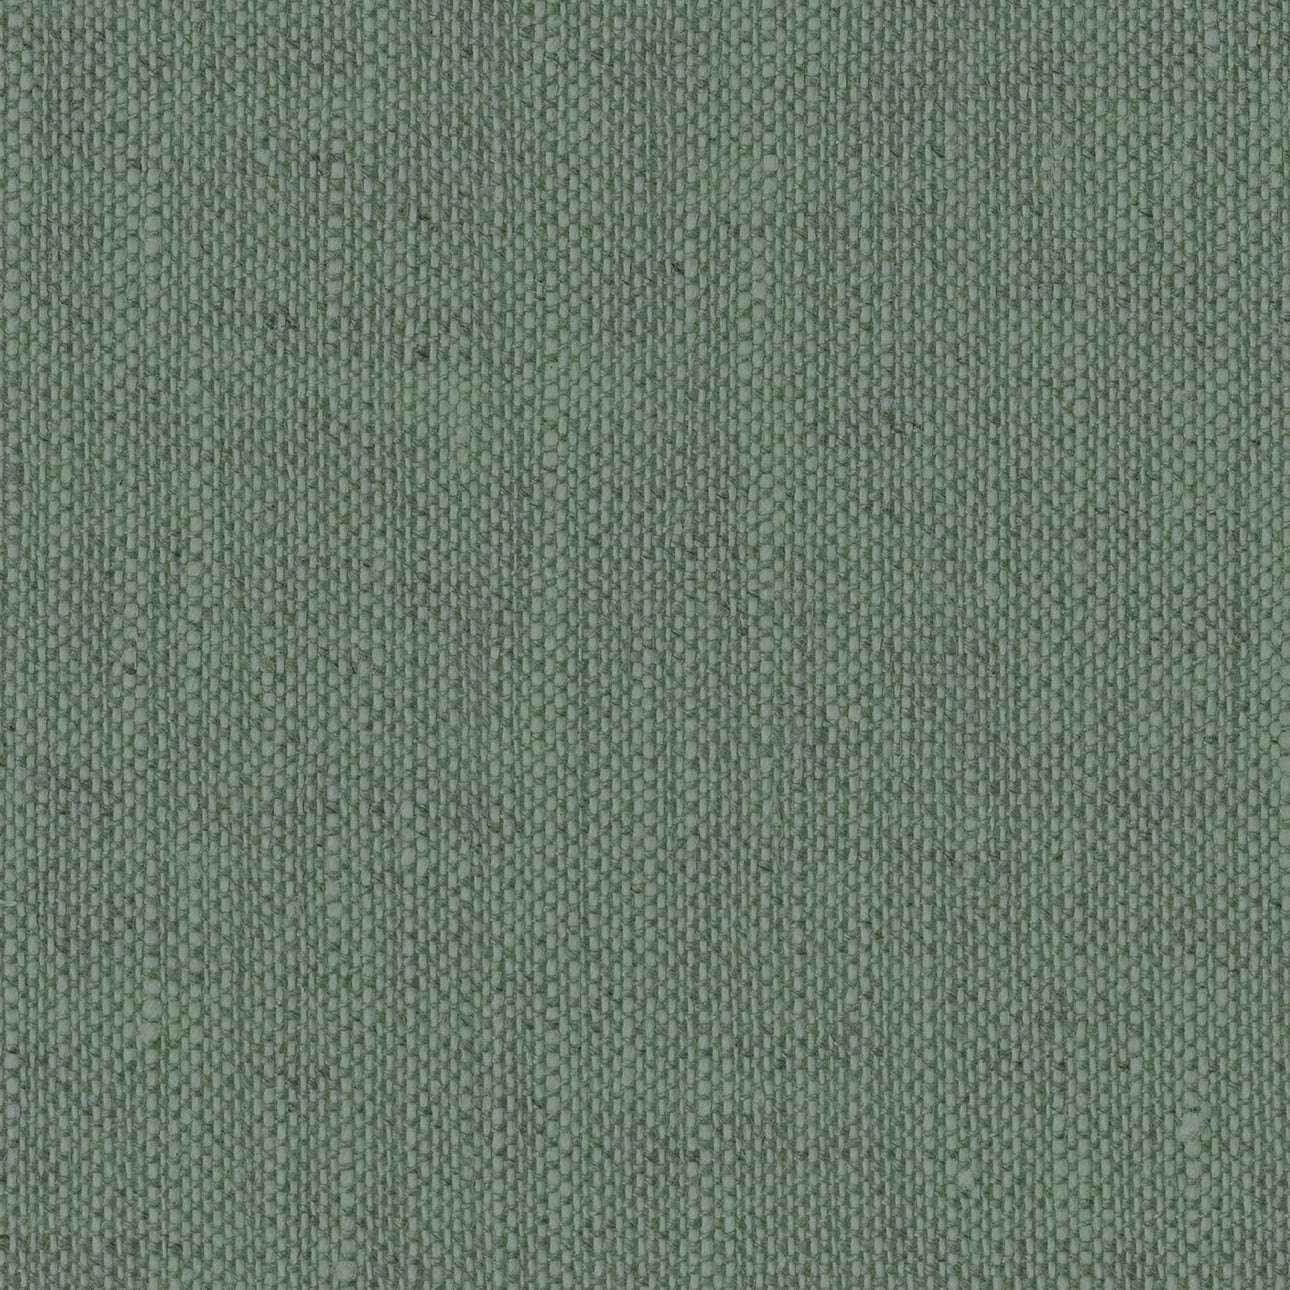 Podwiązka Victoria w kolekcji Christmas, tkanina: 159-08